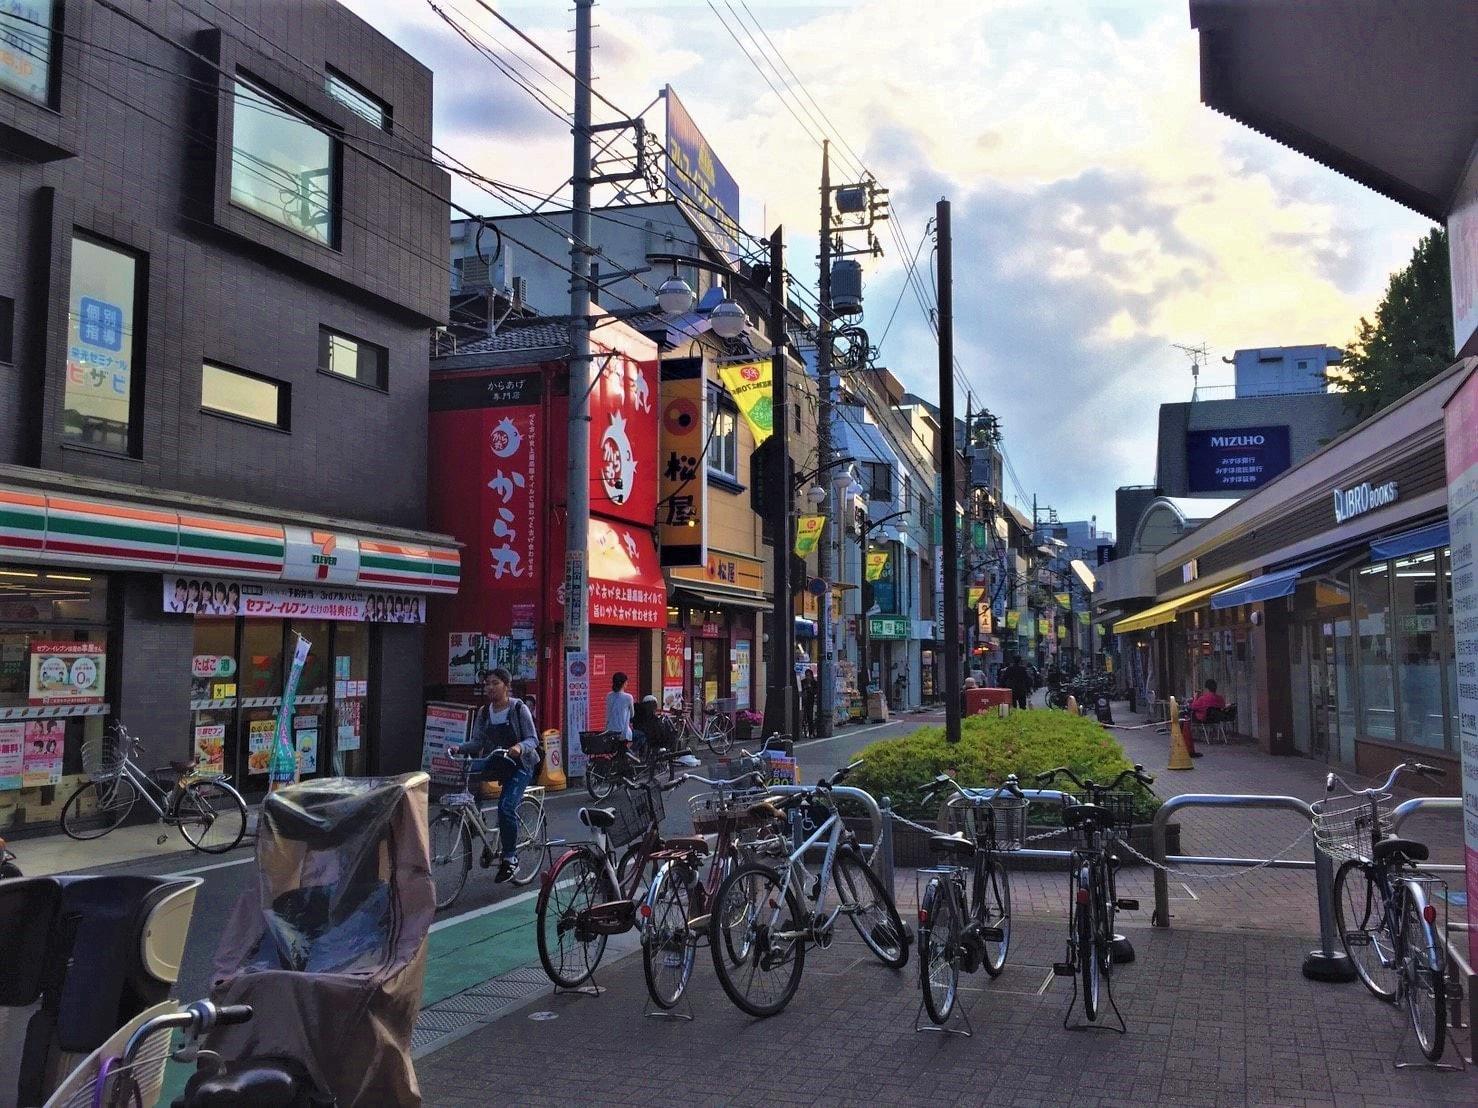 コンビニや牛丼チェーン店がある駅前の風景